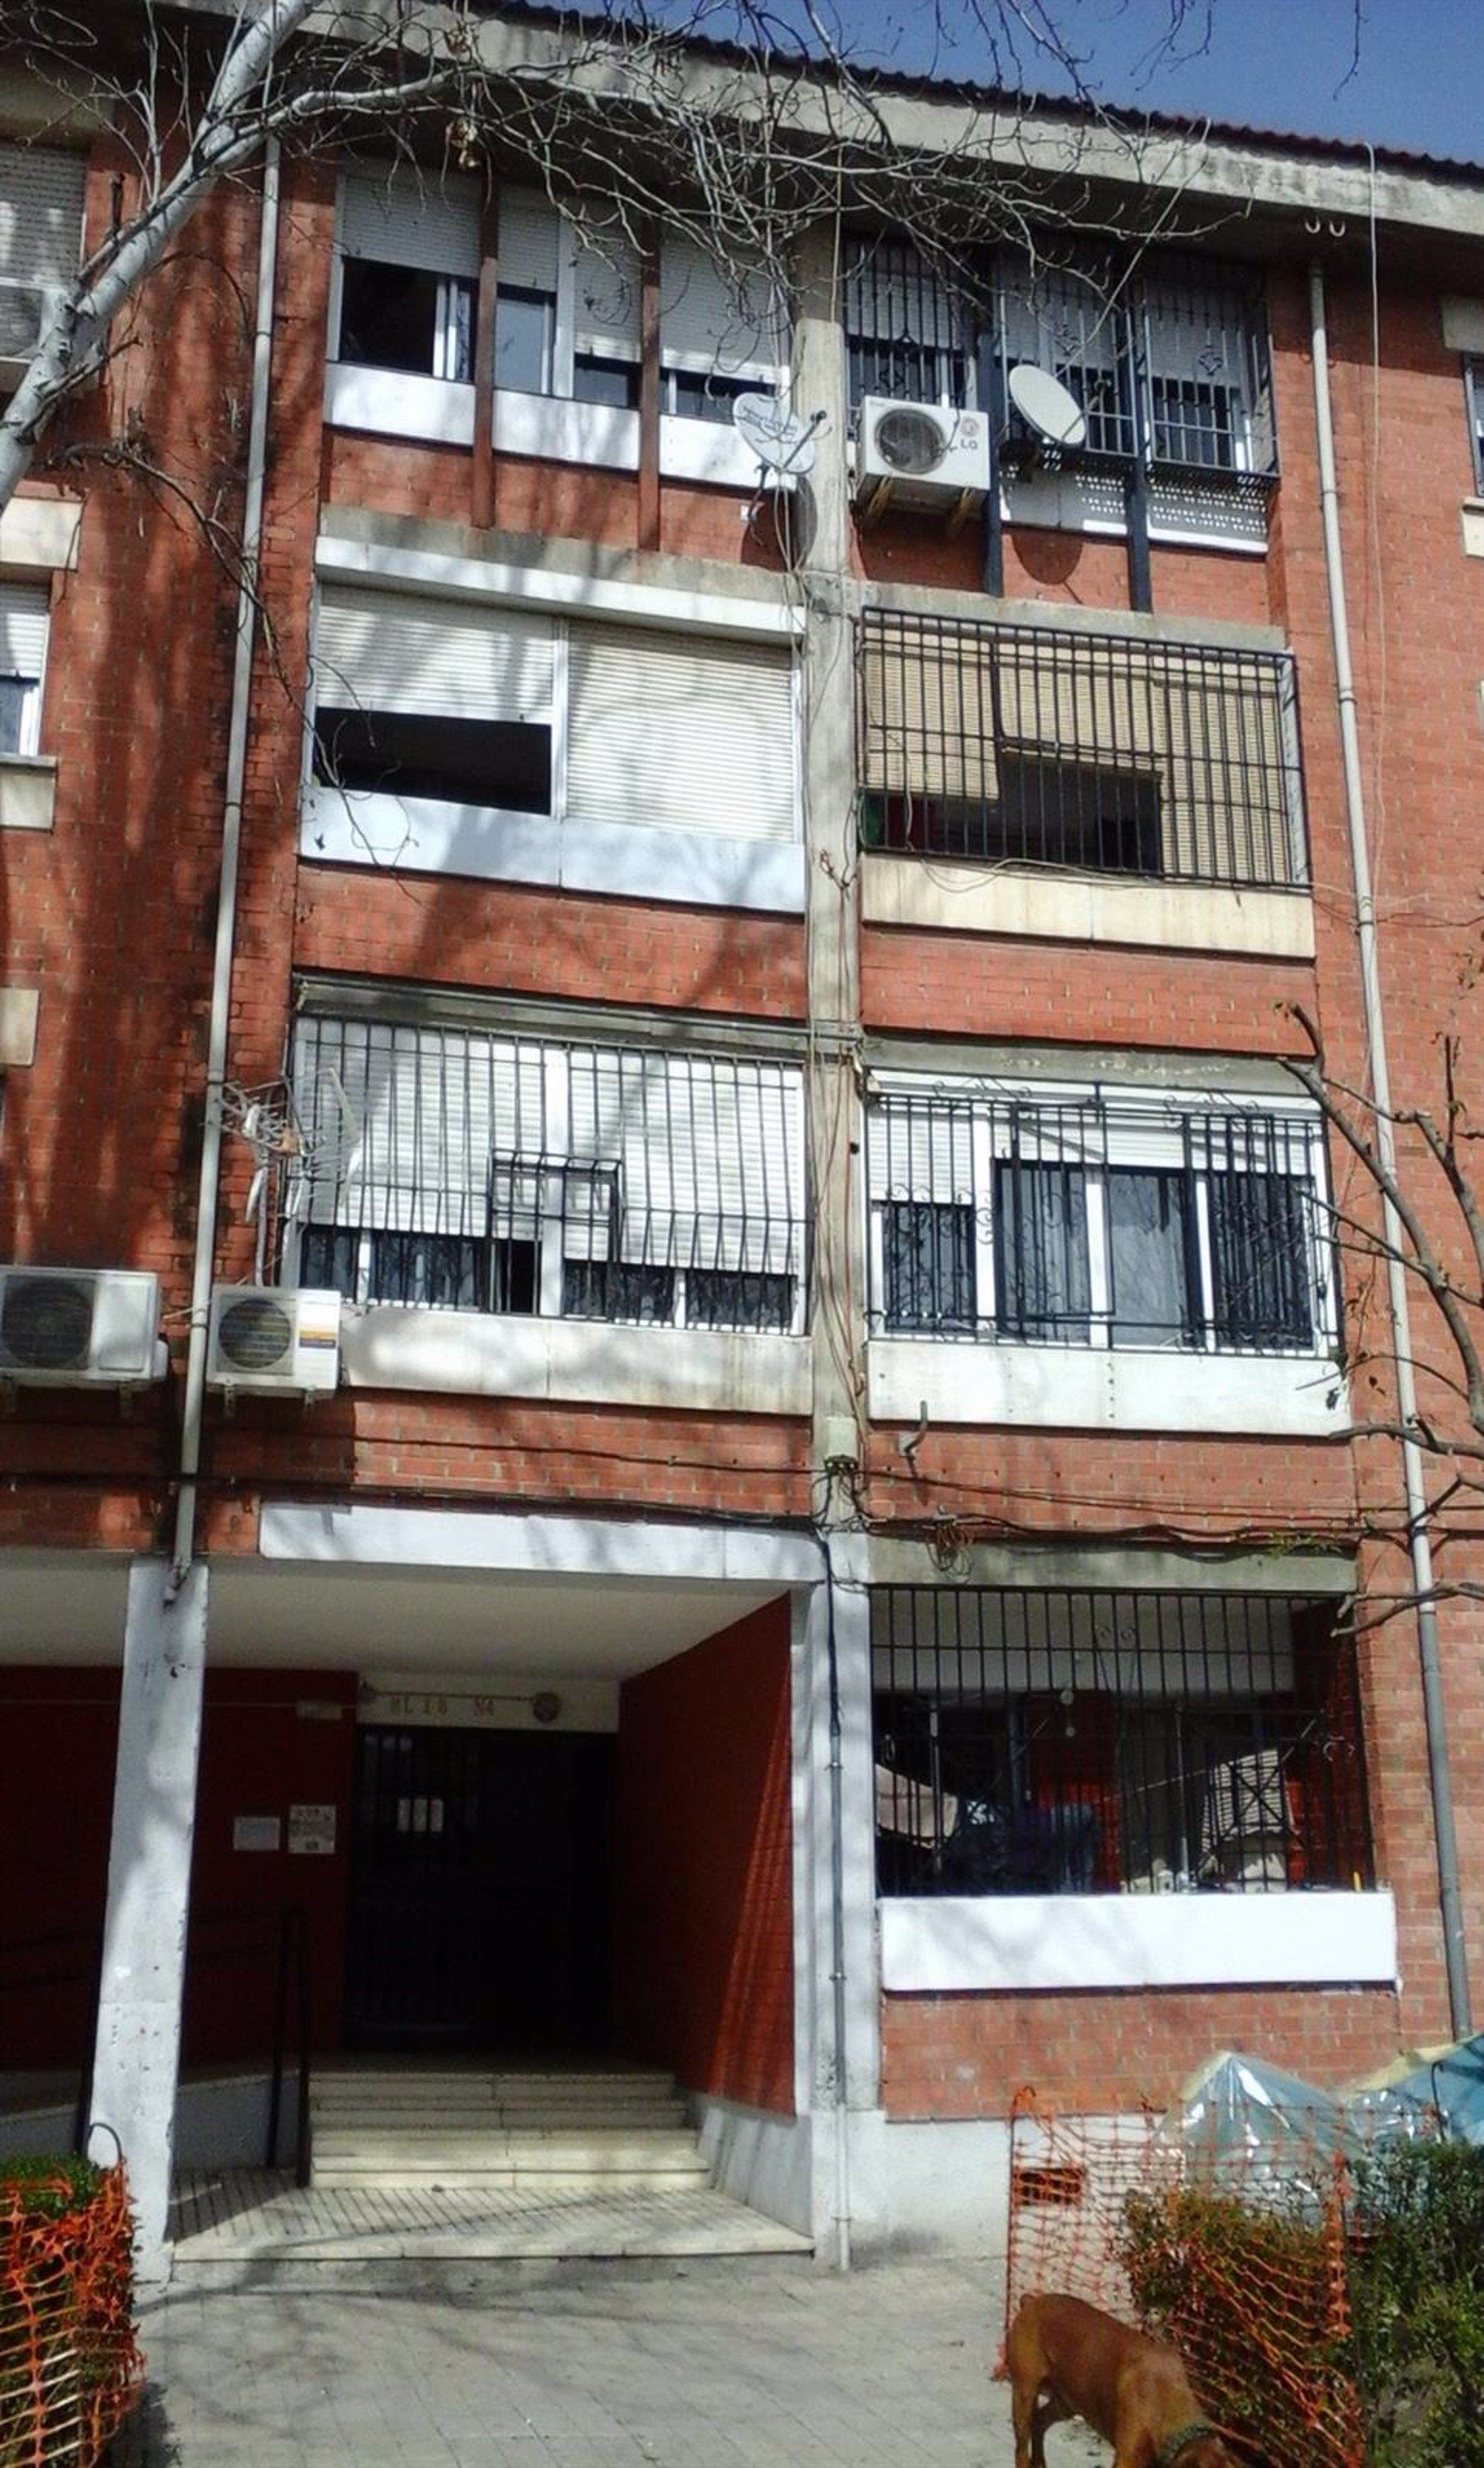 La Junta instalará ascensores en dos bloques de viviendas de la avenida Joaquina Eguaras